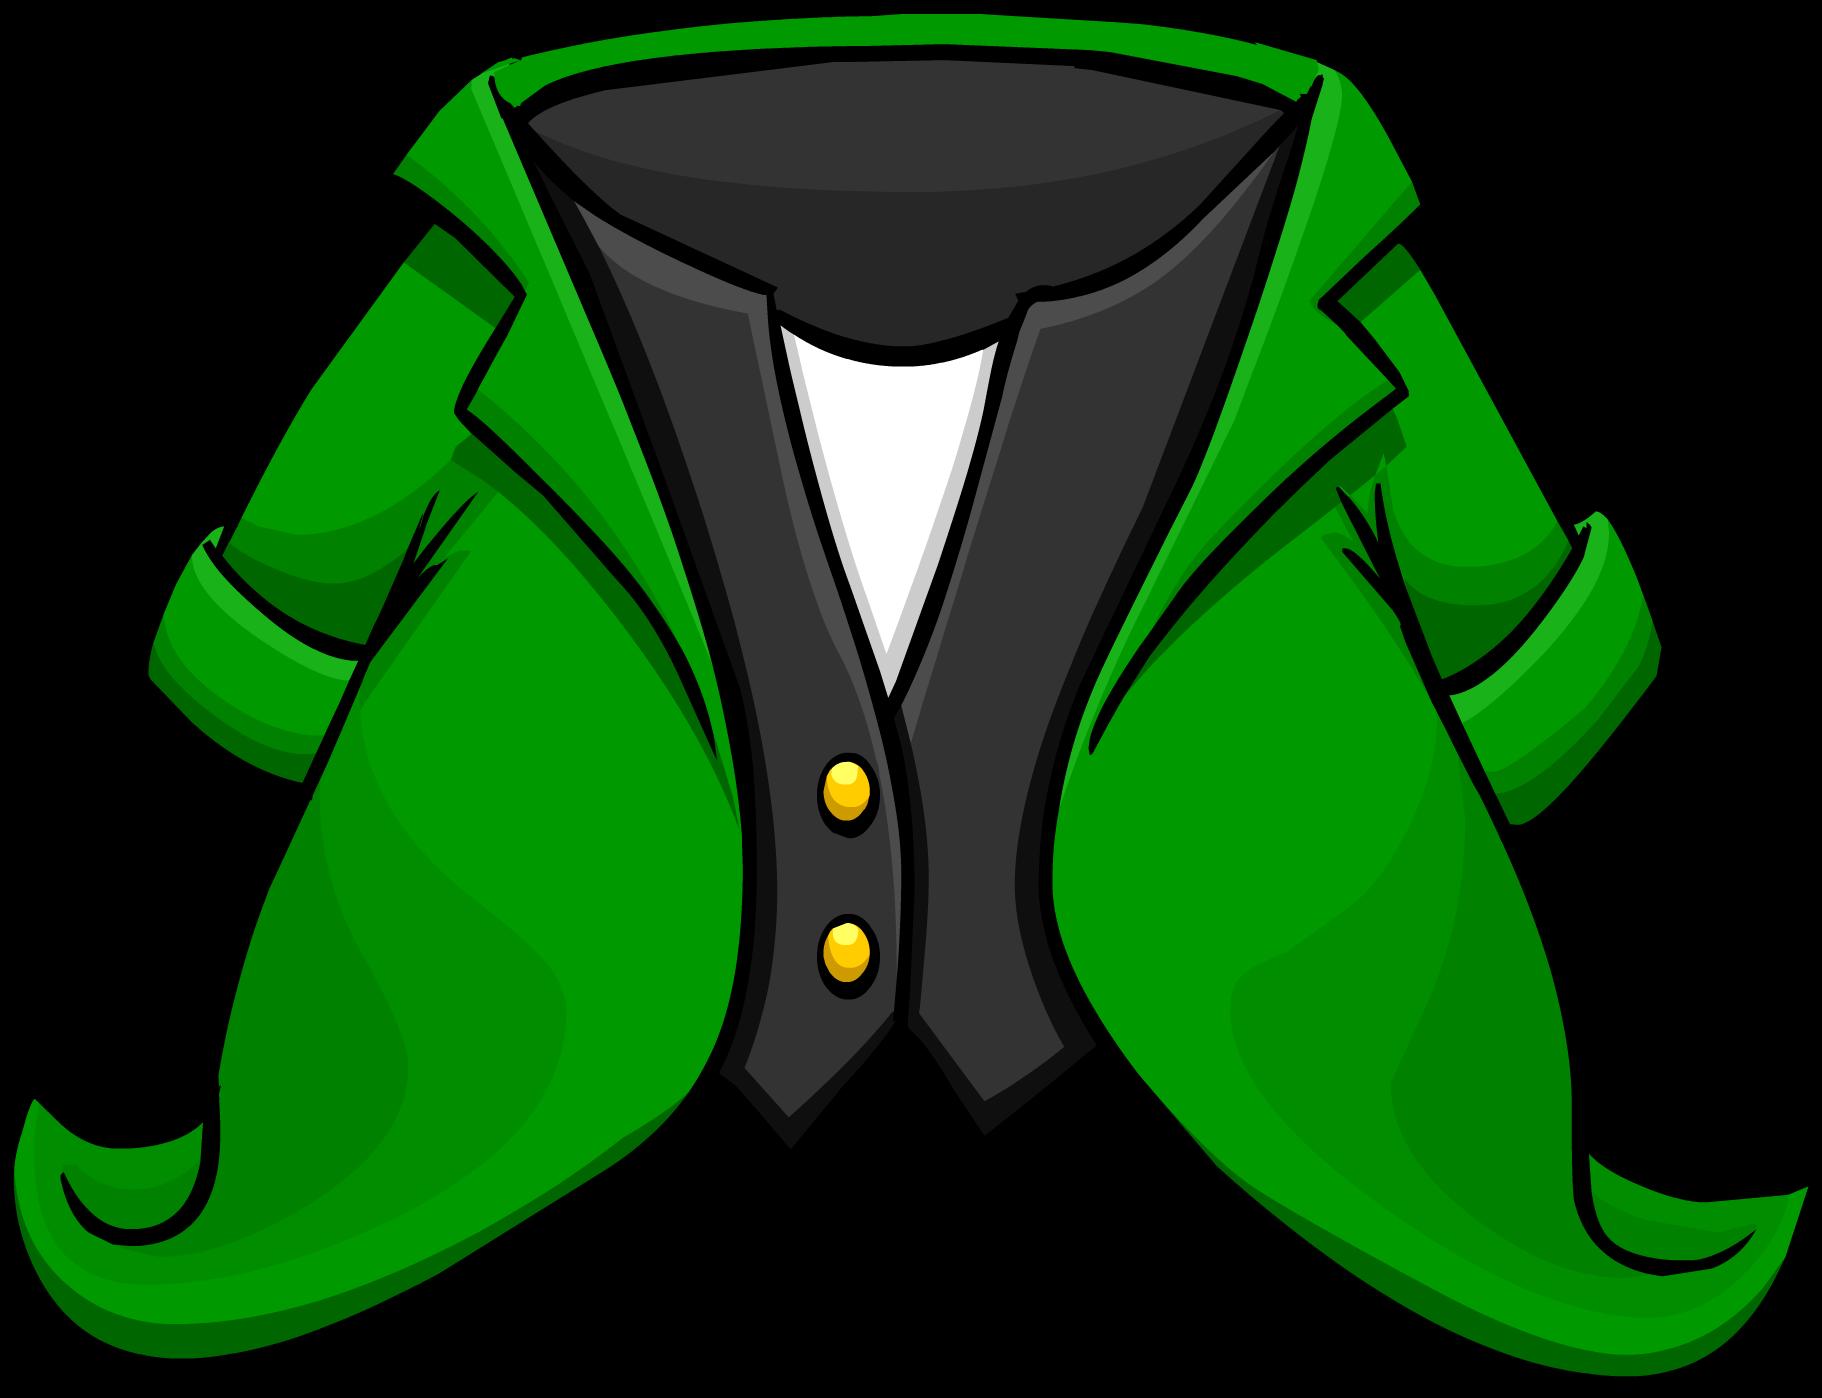 Leprechaun clipart coat. Hd tuxedo body free